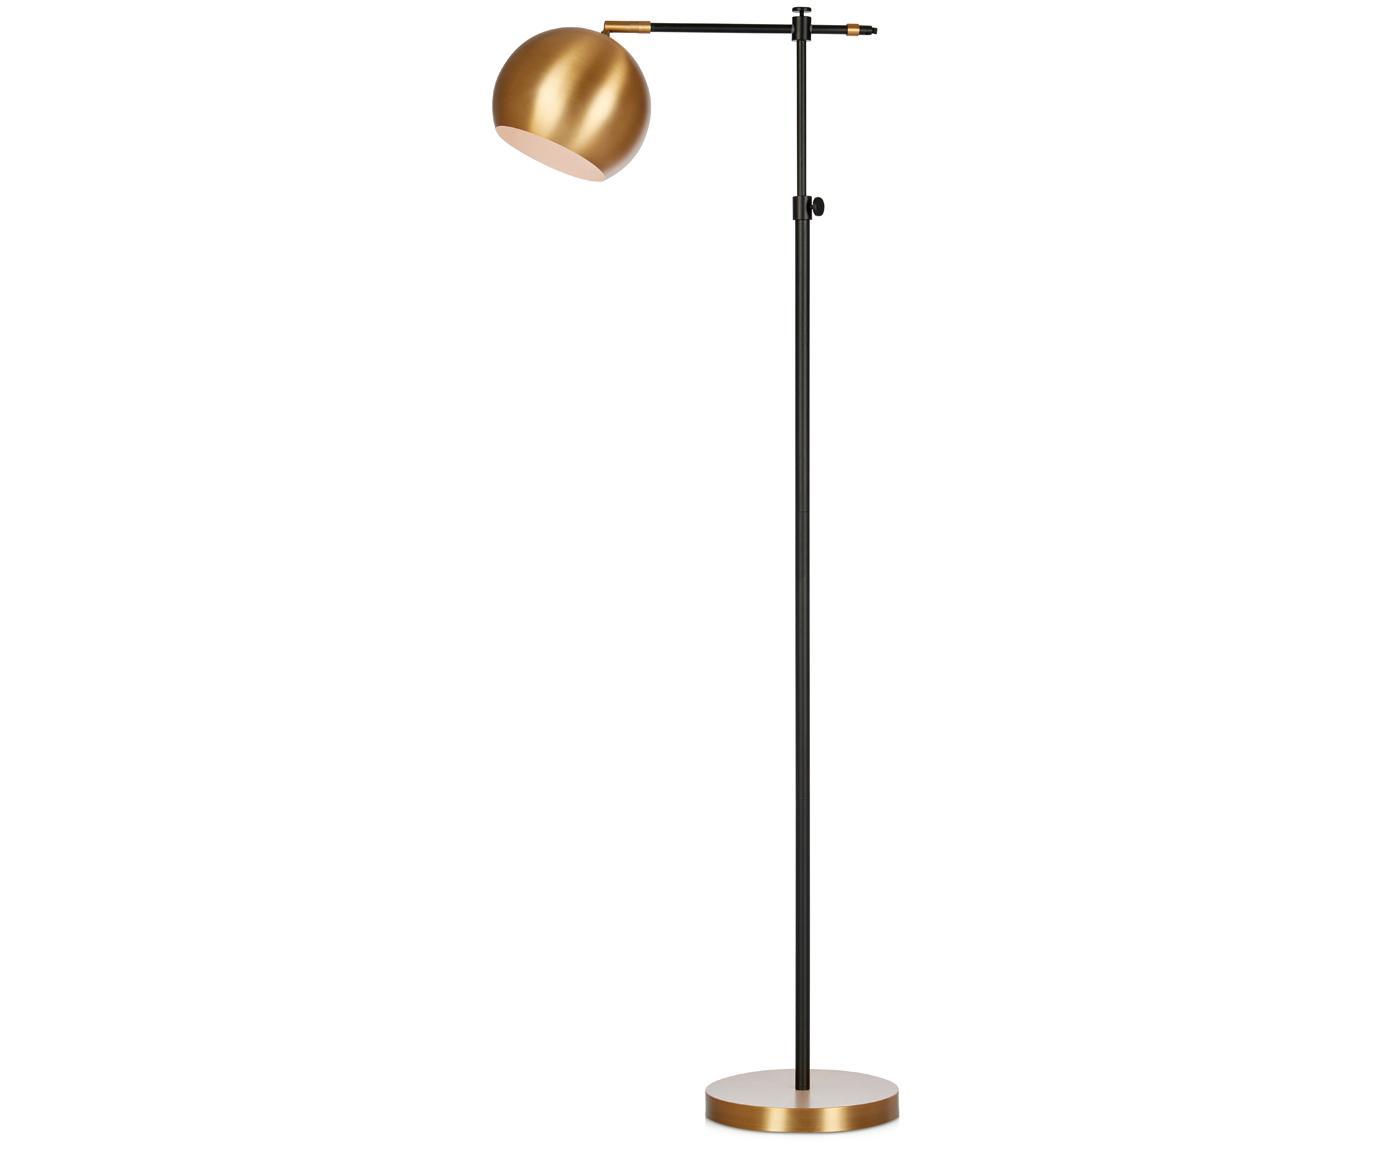 Lampada da terra Chester, Ottone verniciato, Marrone, nero, Larg. 25 x Alt. 135 cm